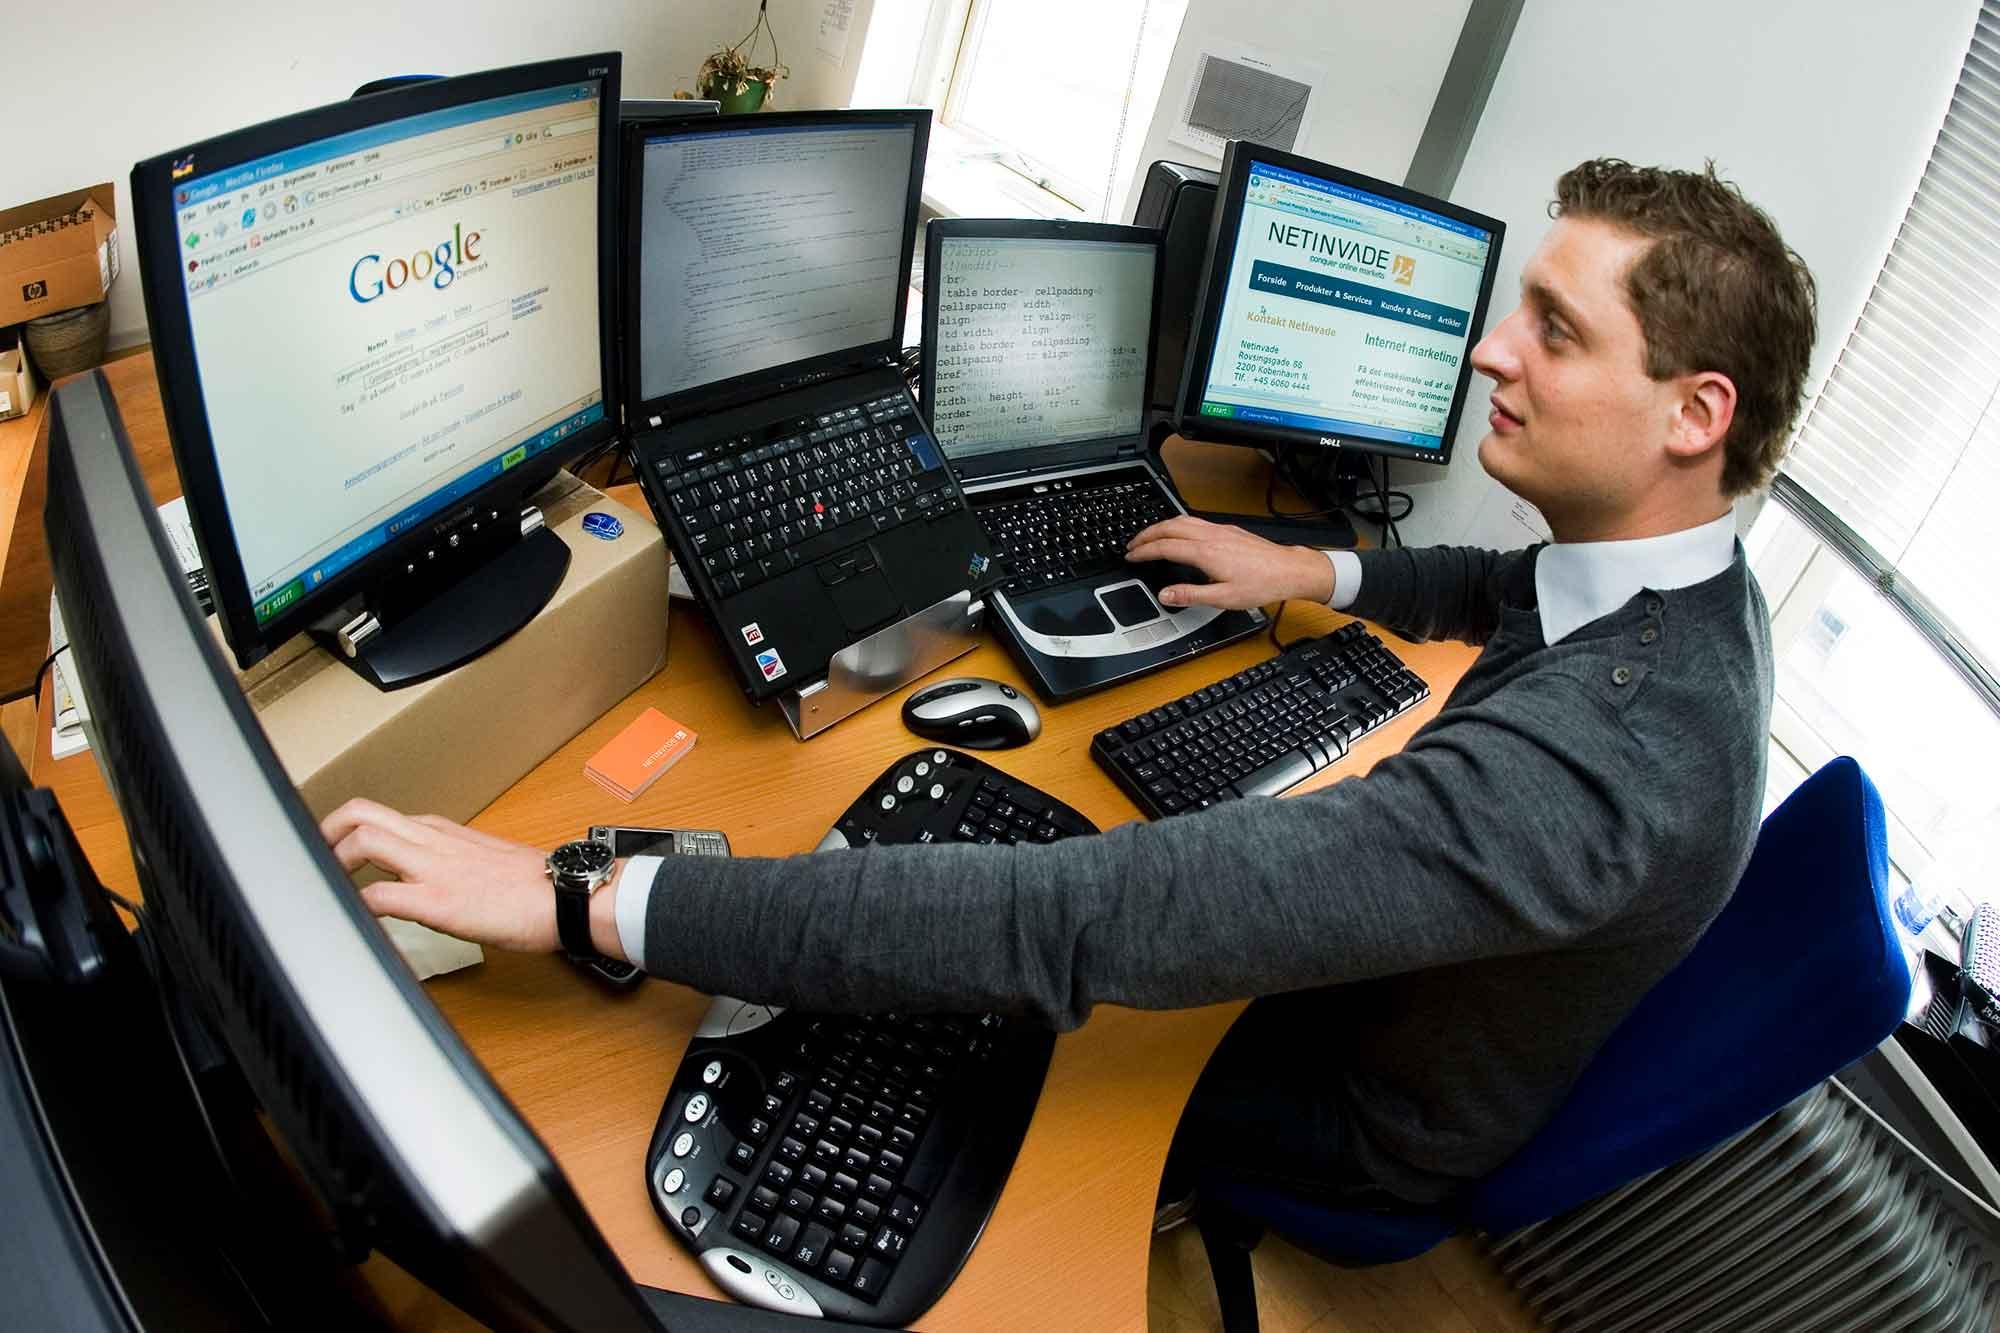 Hjemmesider overvåges for mirmaer af netinvade